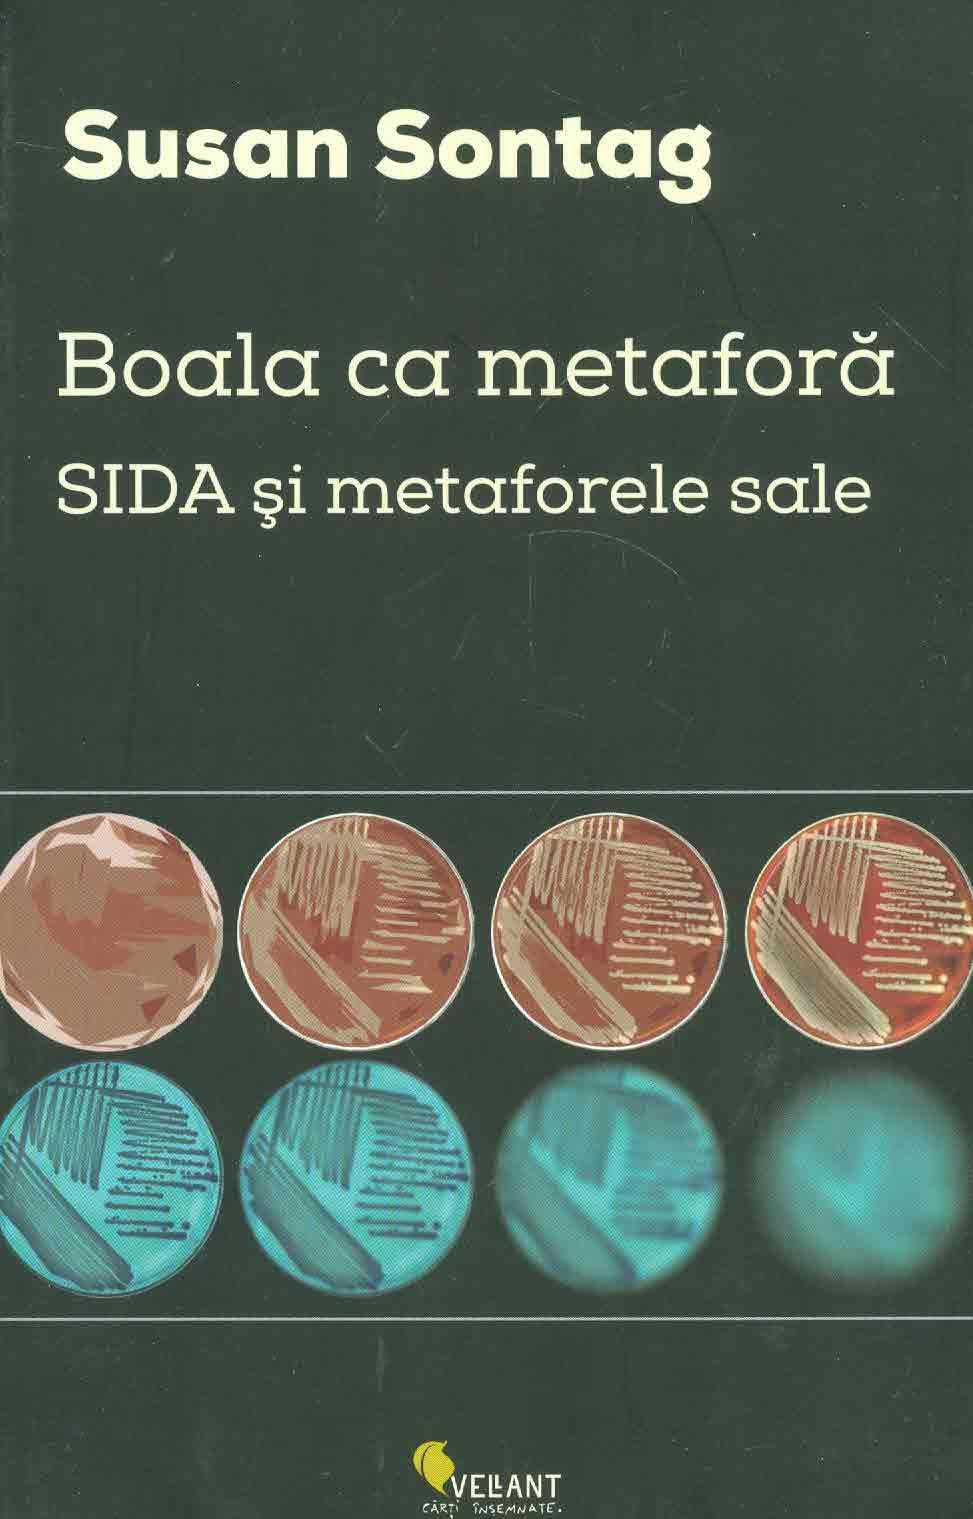 Susan Sontag, Boala ca metaforă, SIDA și metaforele sale